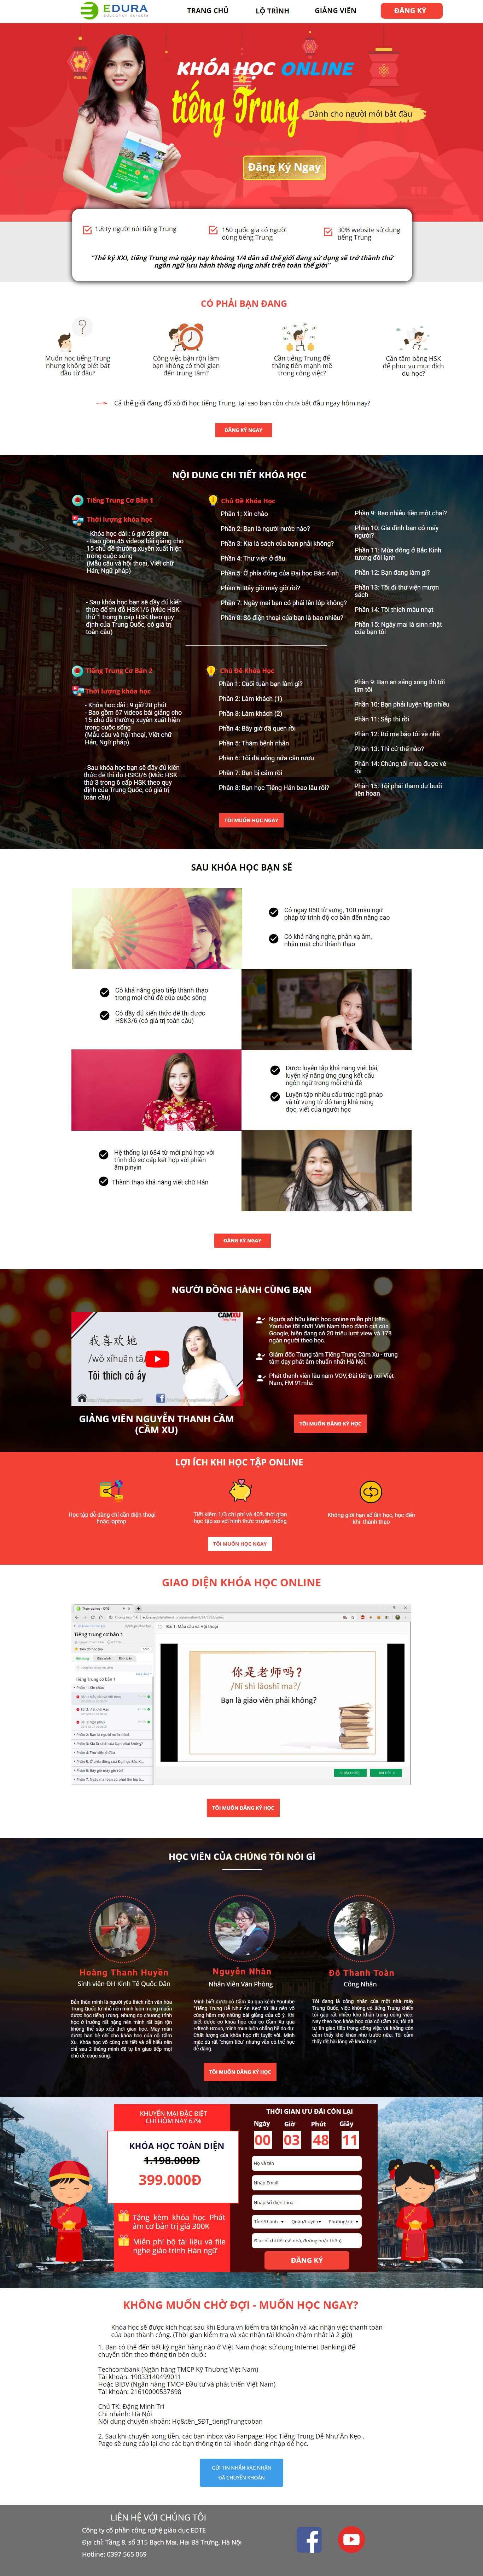 Thiết Kế Landing Page khóa học online